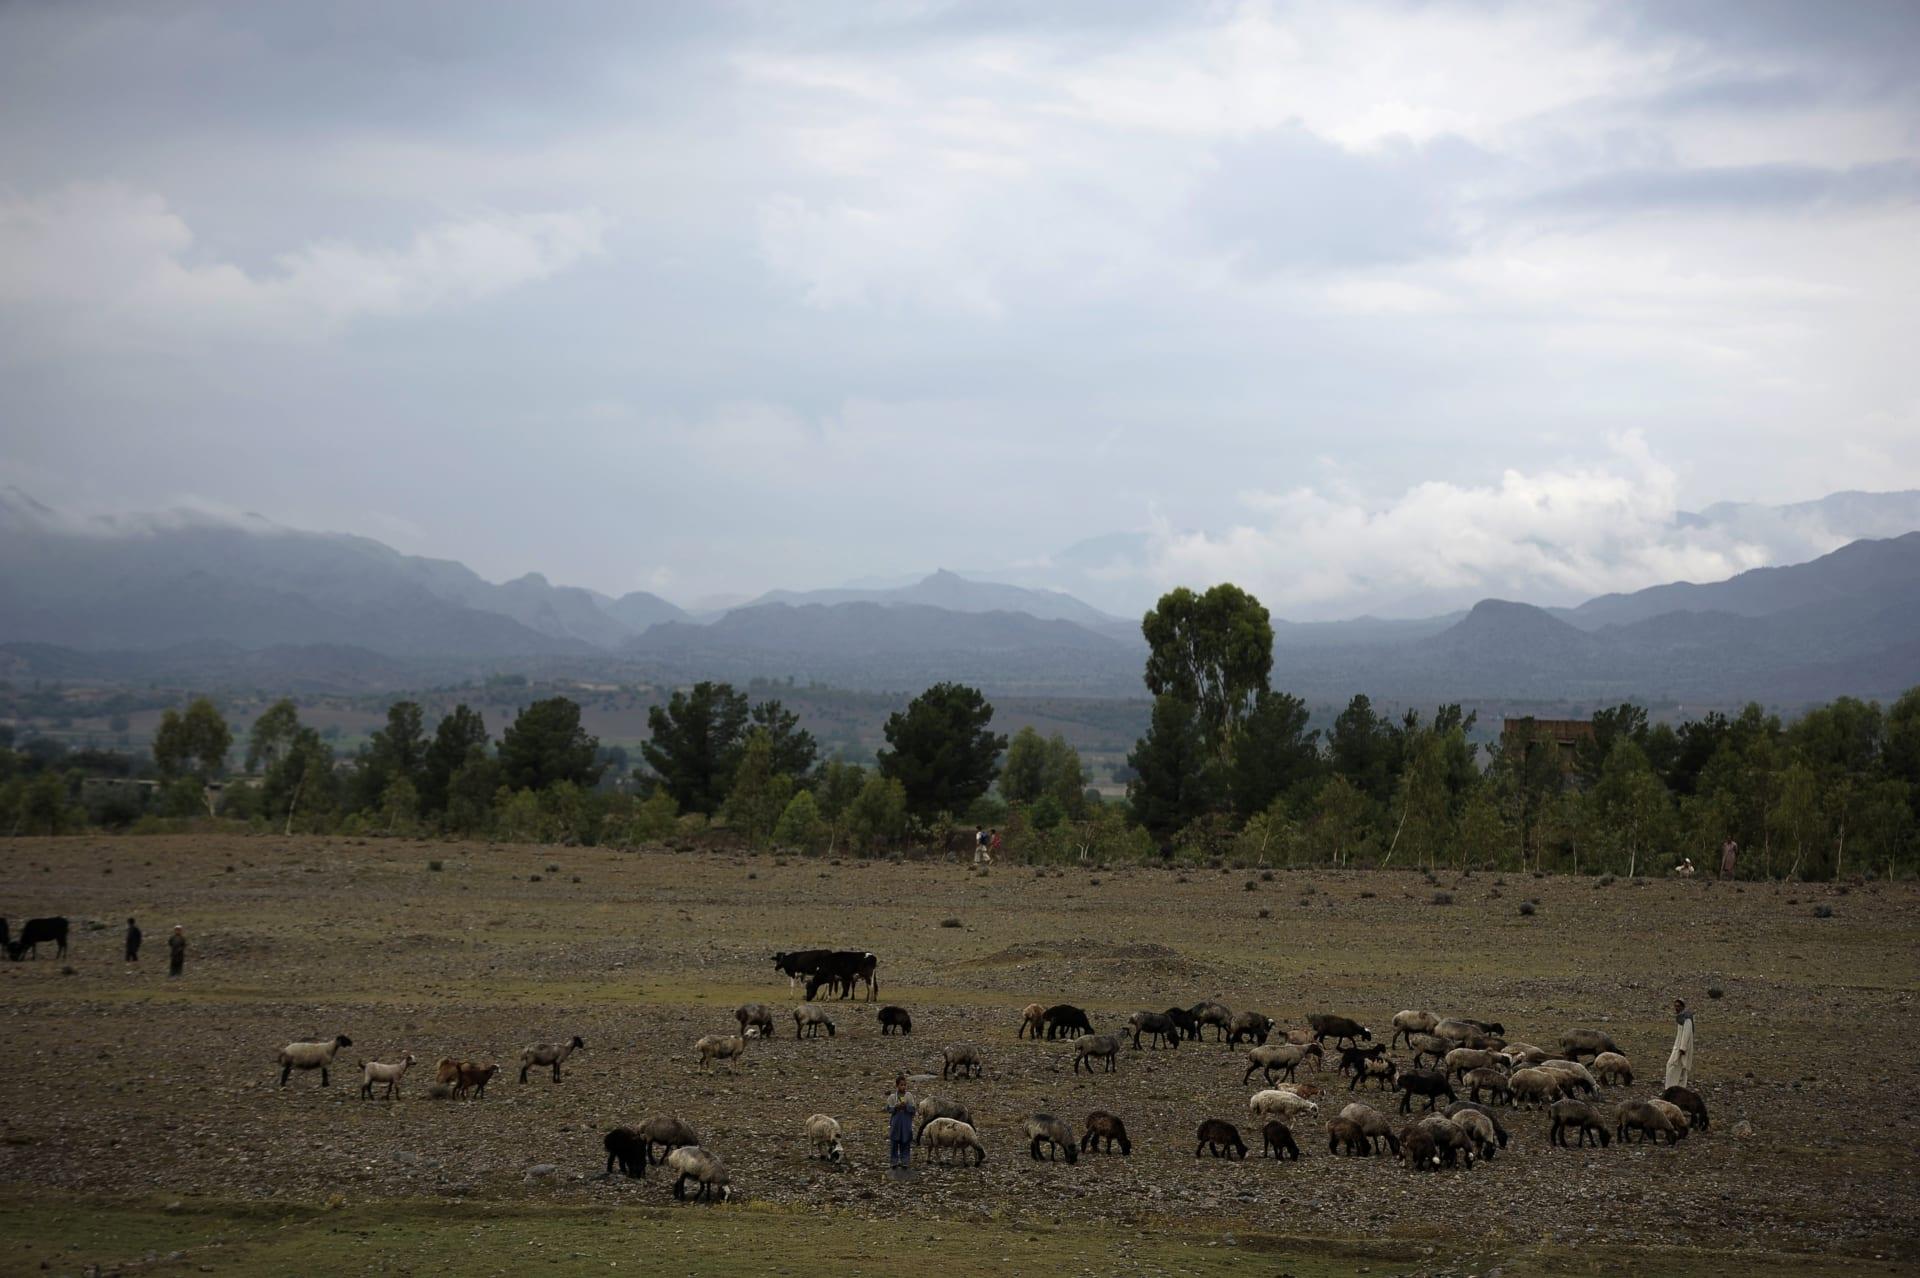 مقتل صحفي في شبكة BBC إثر حادثة إطلاق نار بأفغانستان